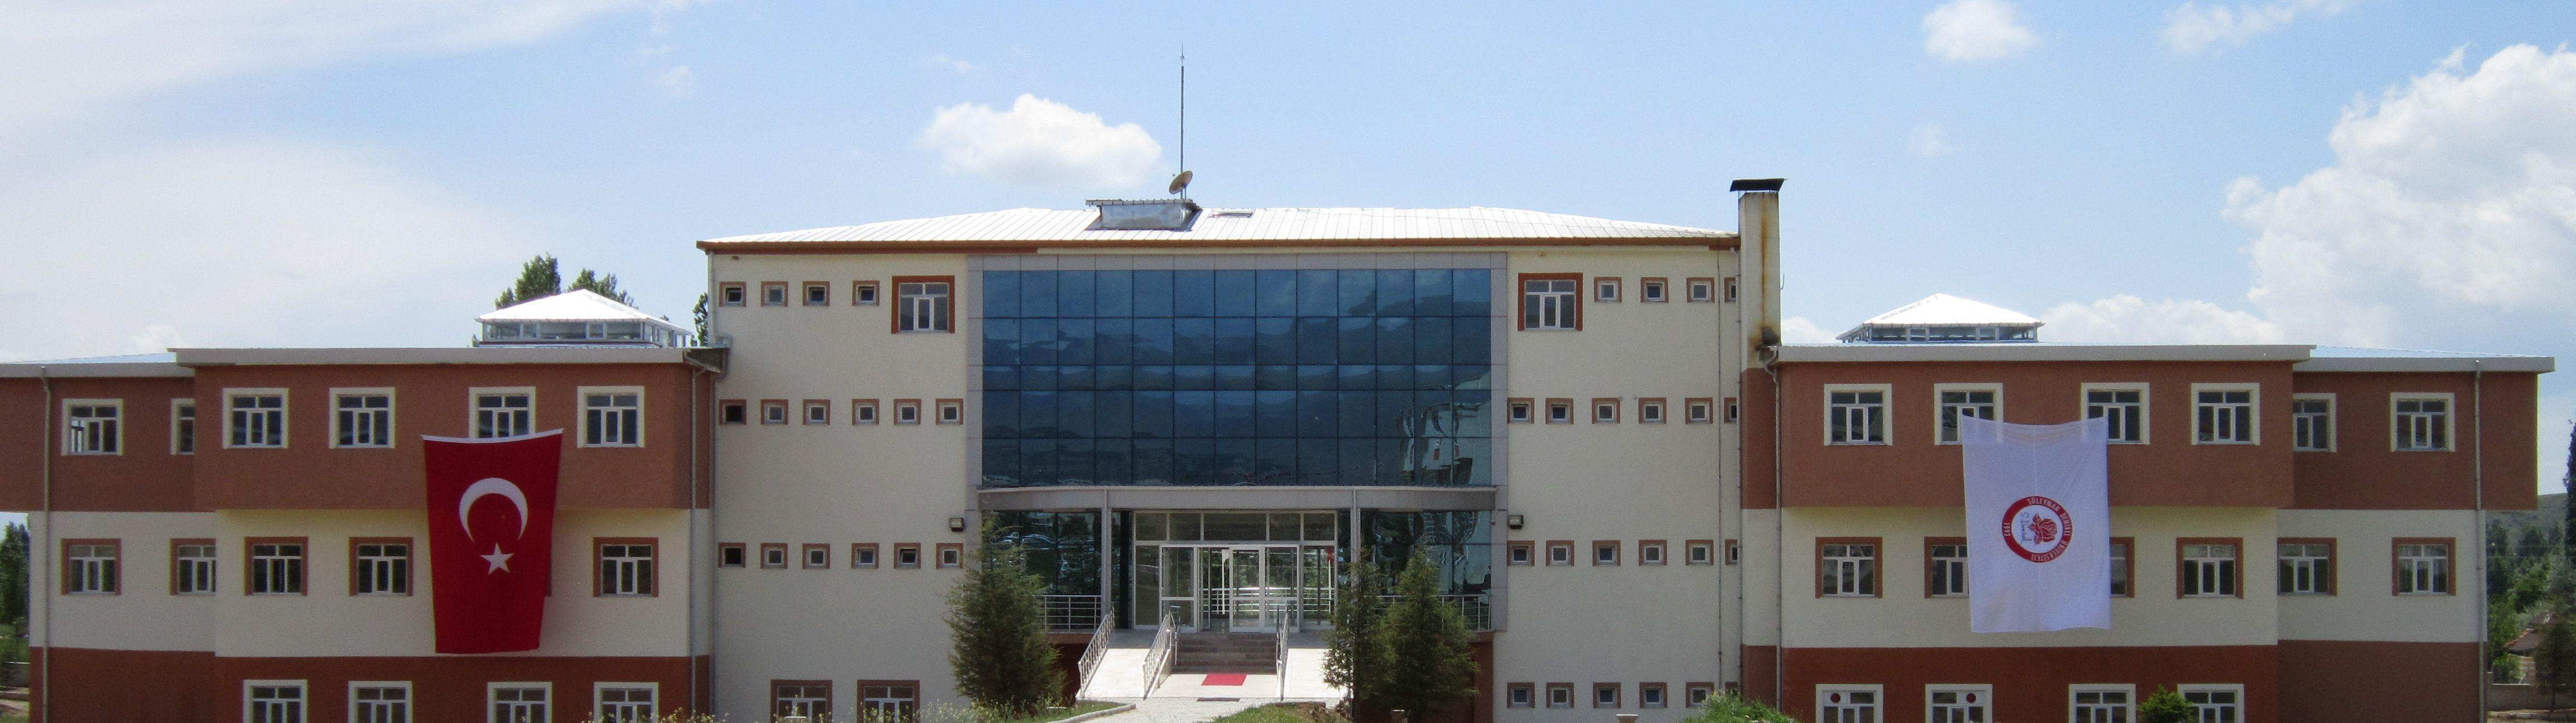 Suleyman Demirel Universitesi Yalvac Buyukkutlu Uygulamali Bilimler Yuksekokulu Nenerede Web Sitemiz Www Nenerede Com T Home Fashion Suleyman Restoran